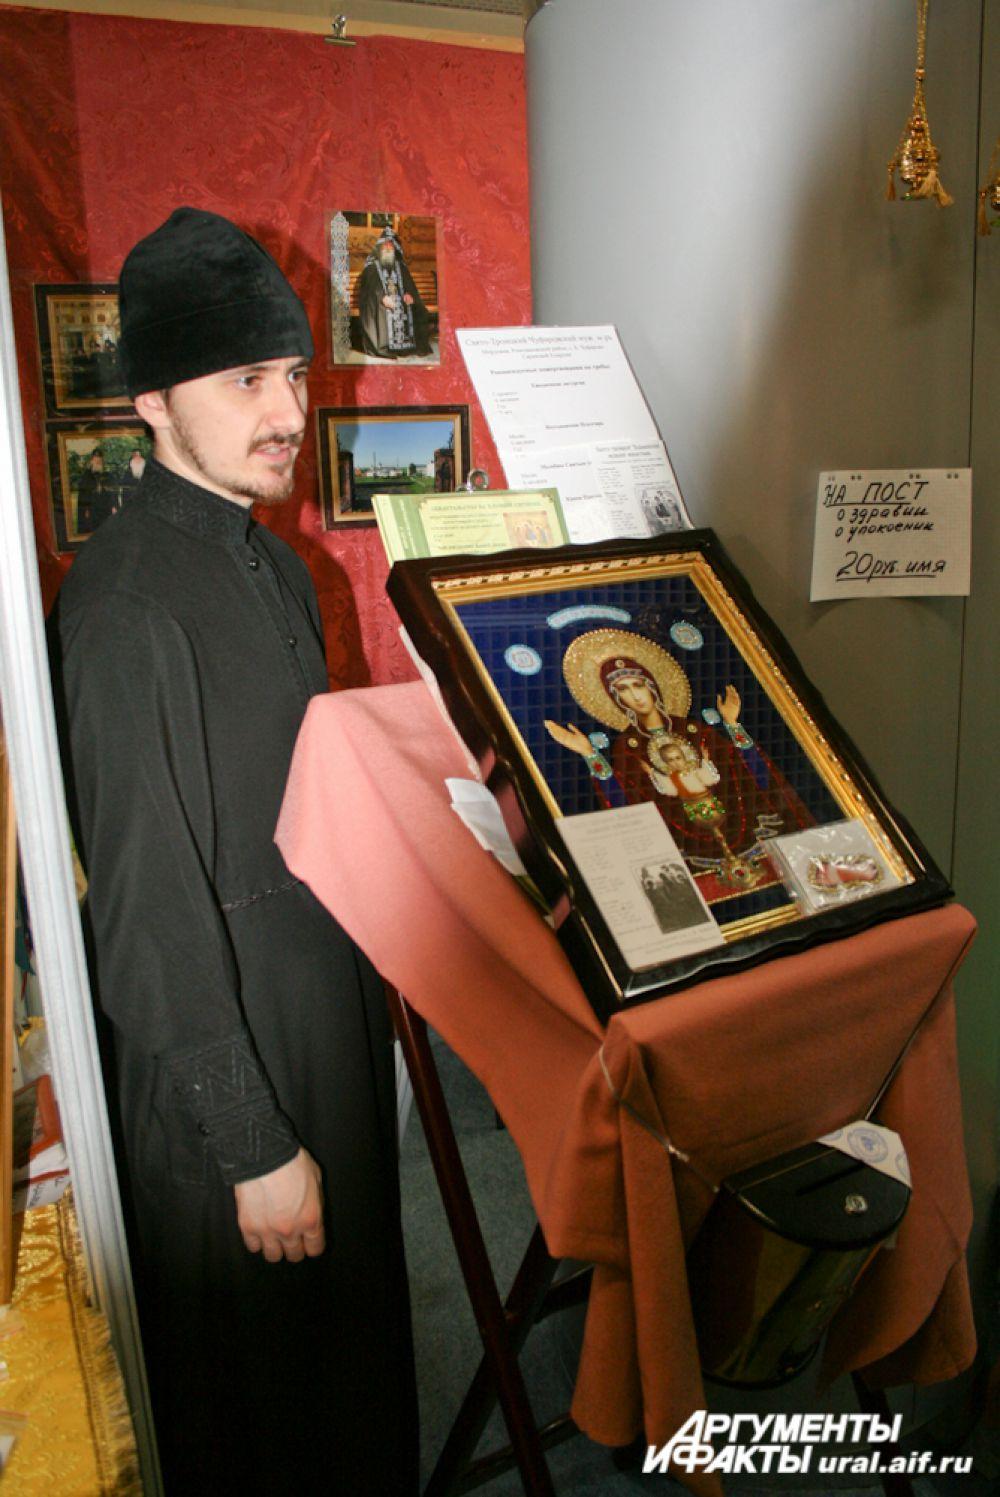 Икона «Неупиваемая чаша» «сложена» из бисера иноком Свято-Троицкого Чуфаровского монастыря (Мордовия).